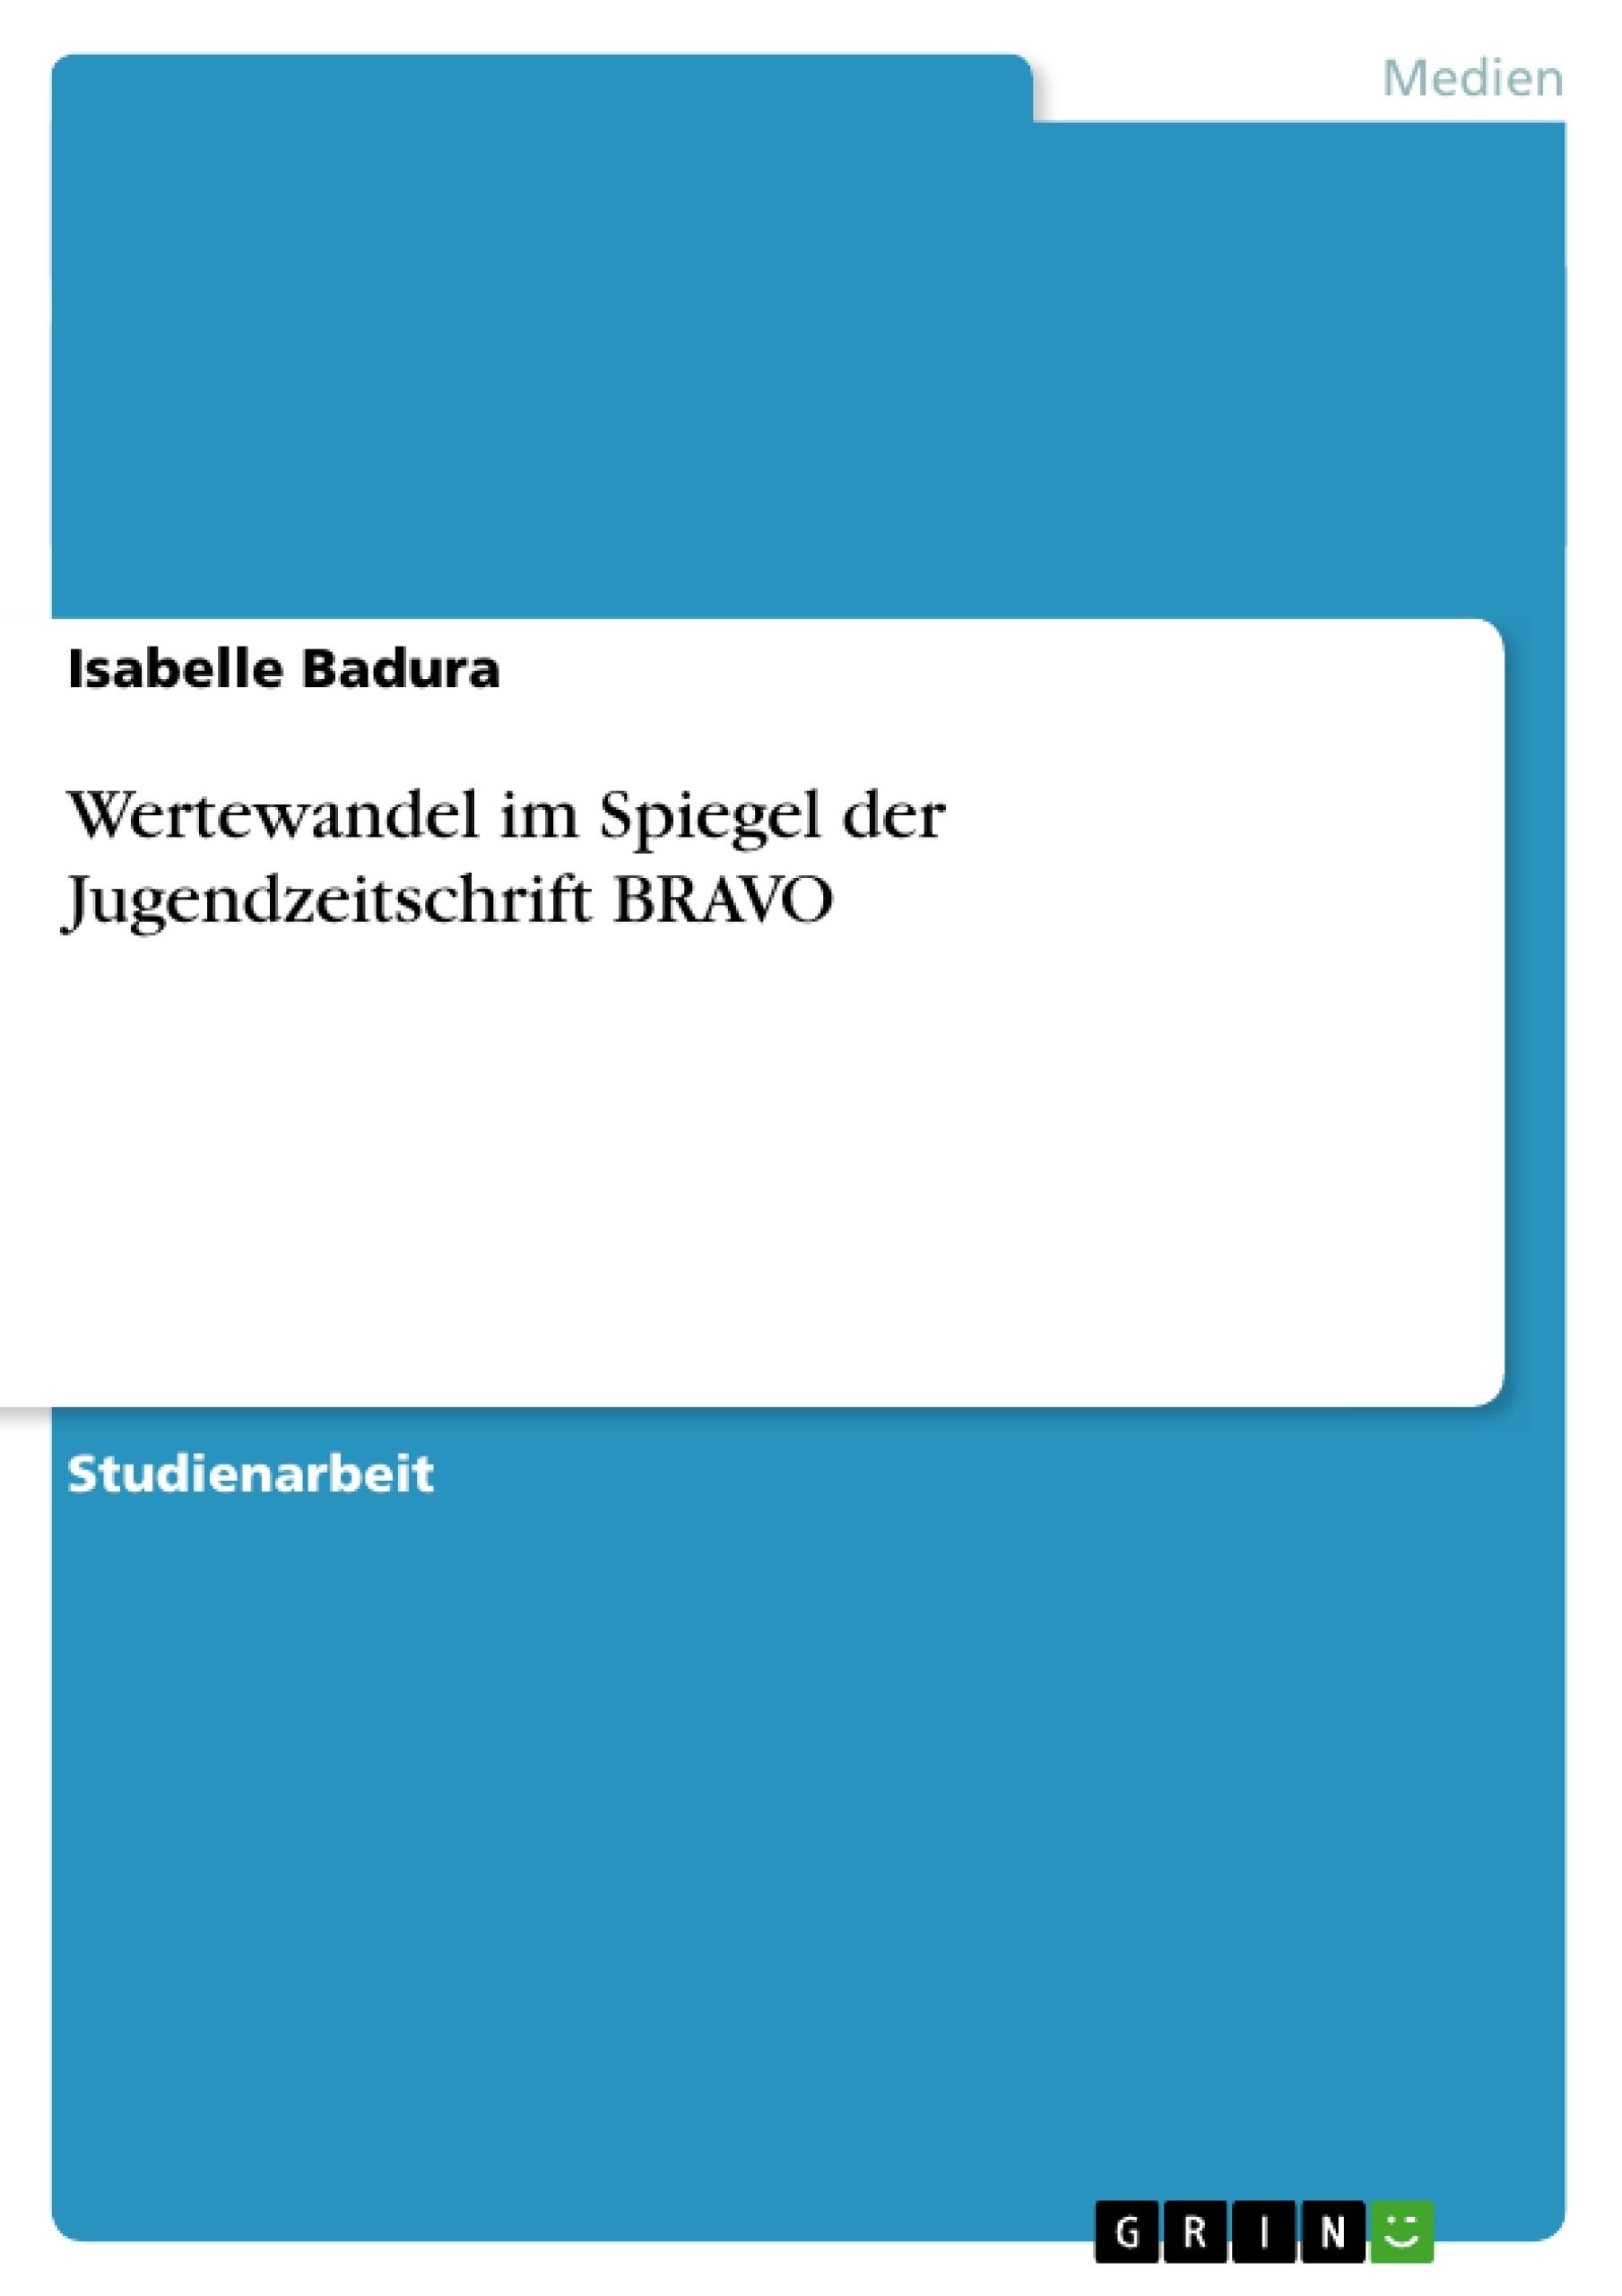 Titel: Wertewandel im Spiegel der Jugendzeitschrift BRAVO